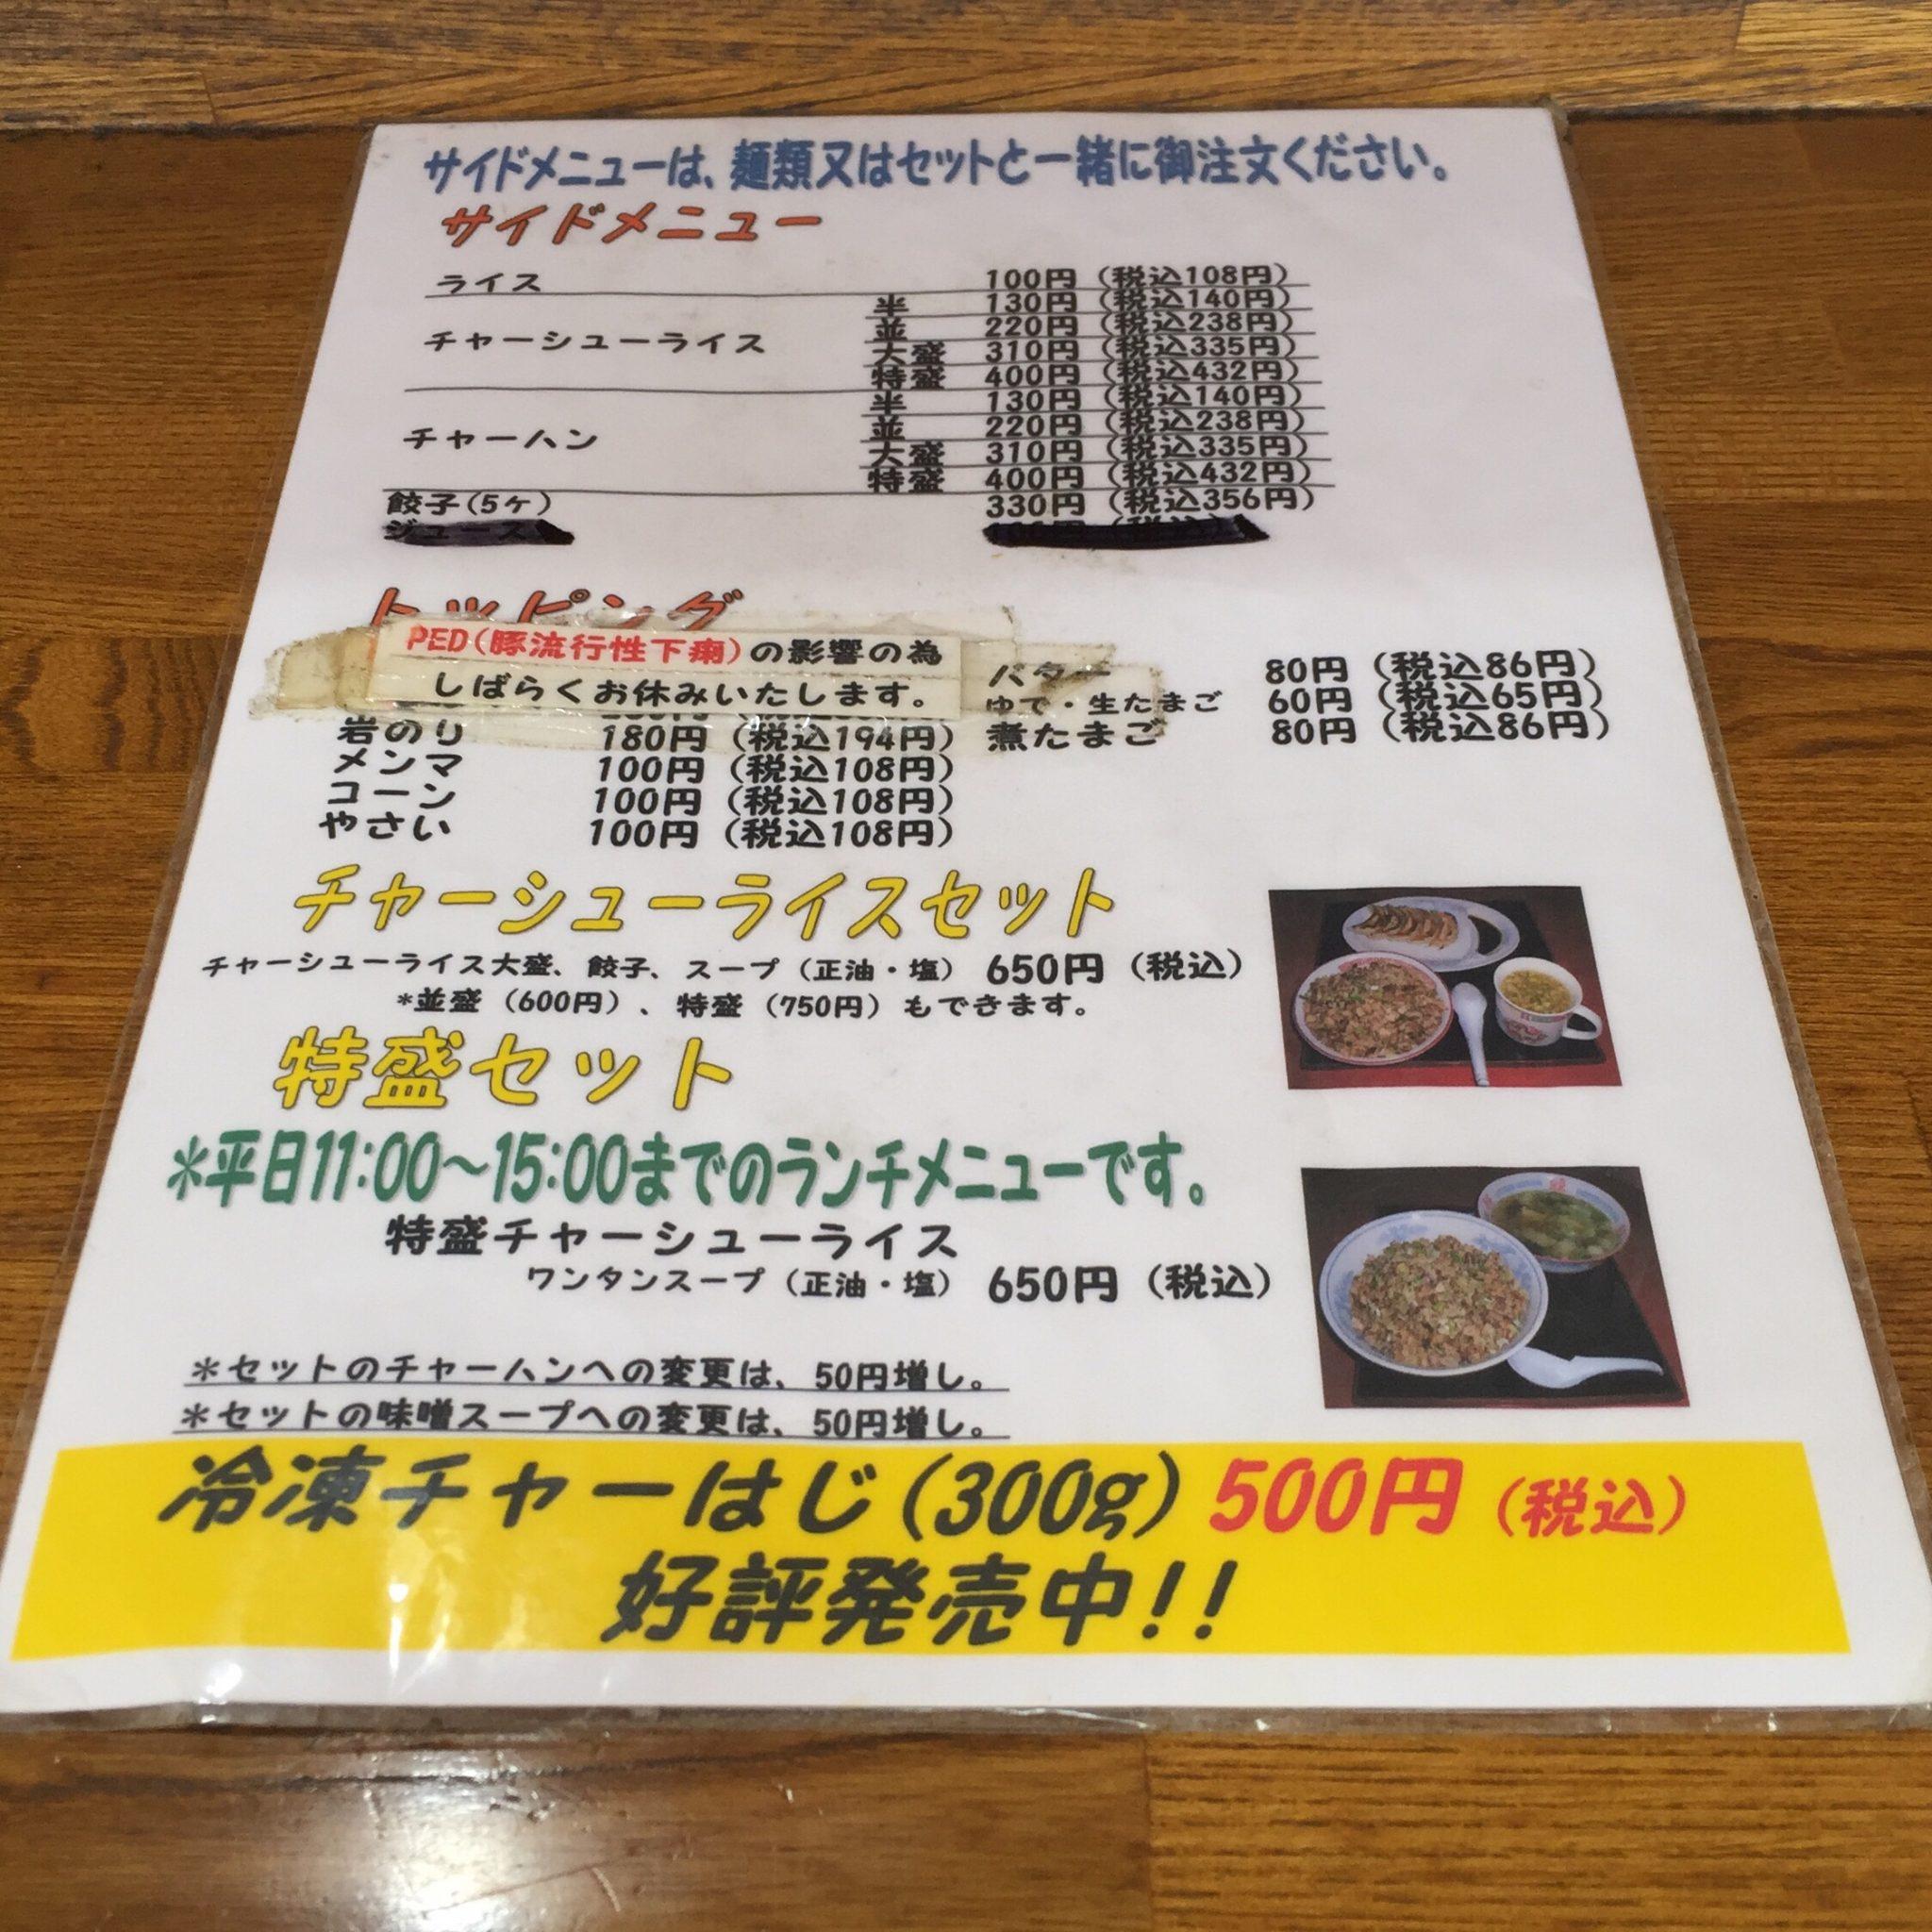 室蘭ラーメンの店 八屋 外旭川店 メニュー